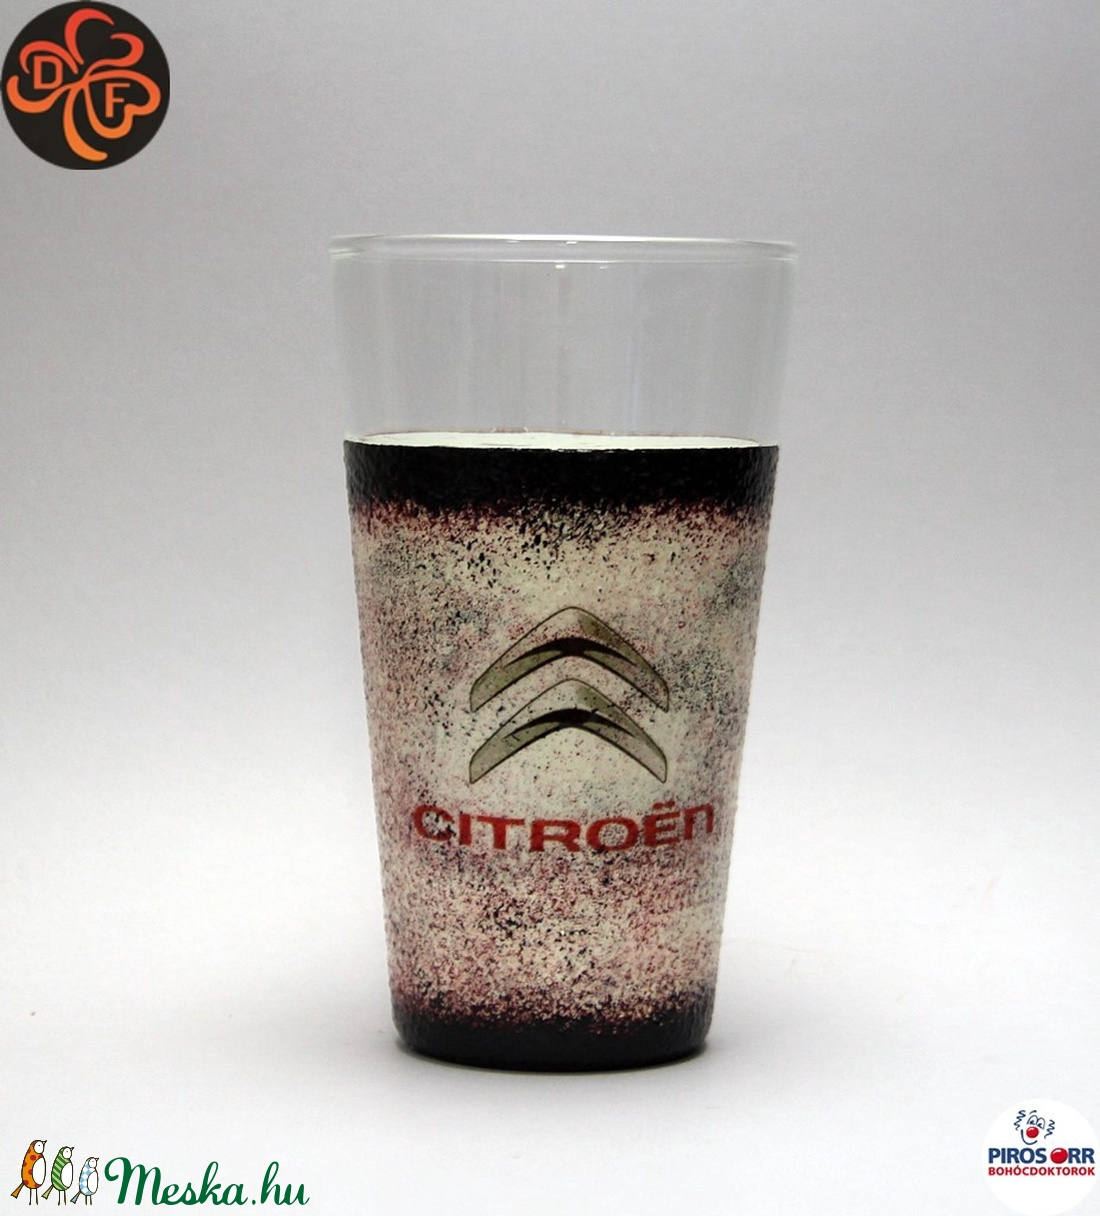 CITROEN emblémával díszített  vizes pohár ; A márka rajongóinak  ; A saját autód fotójával is elkészítjük ! - Meska.hu